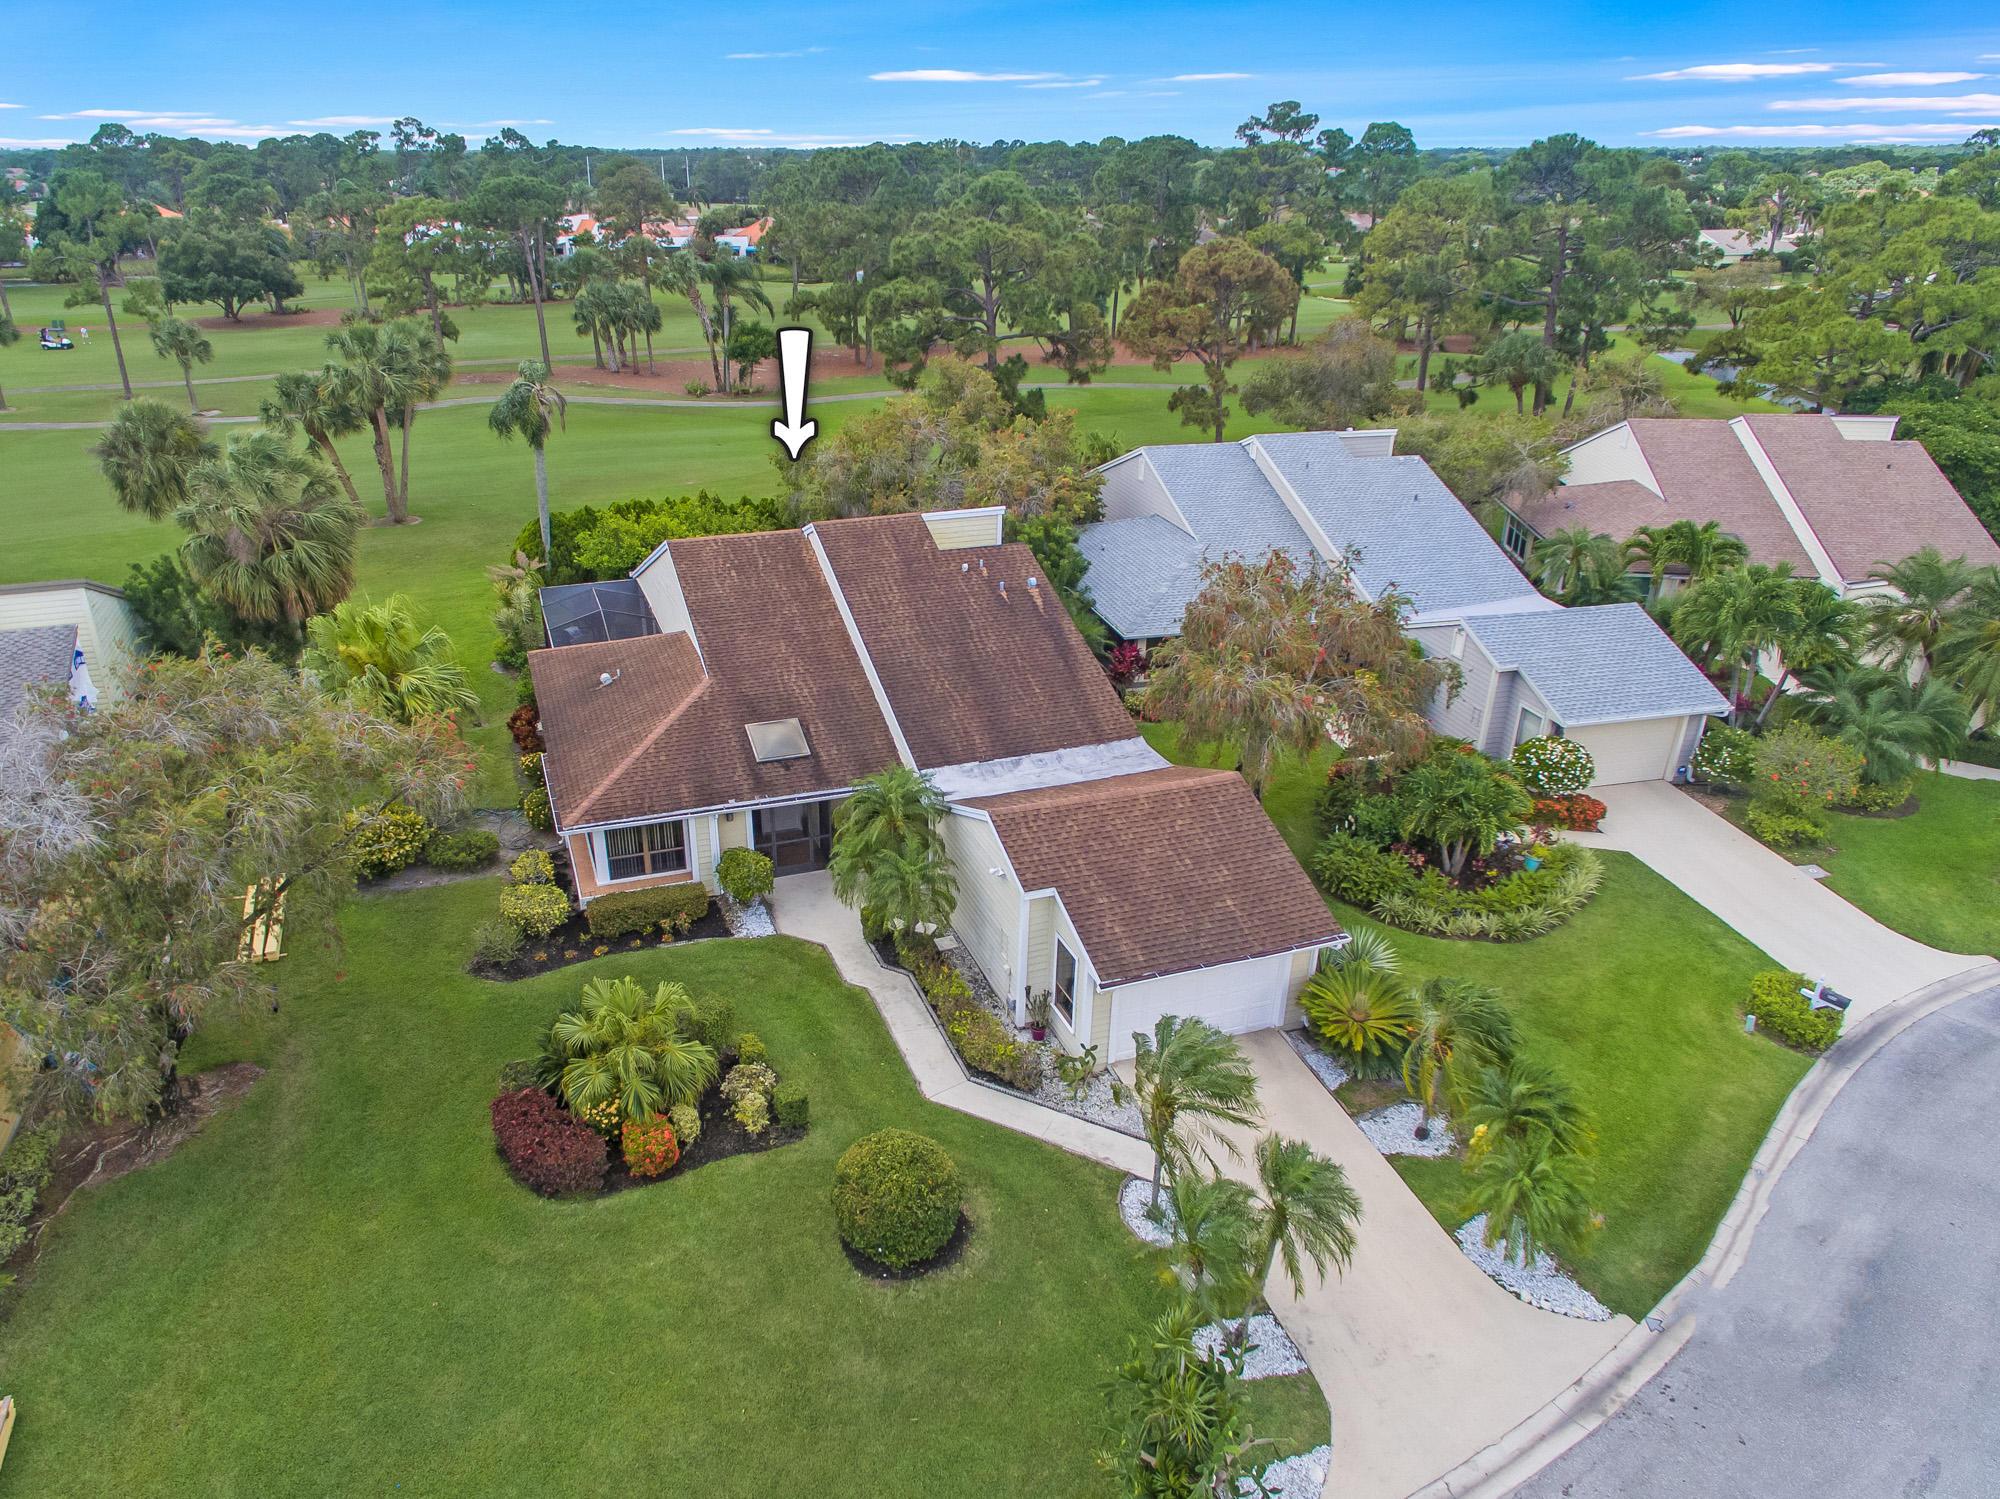 6690 S Pine Court, Palm Beach Gardens, FL 33418